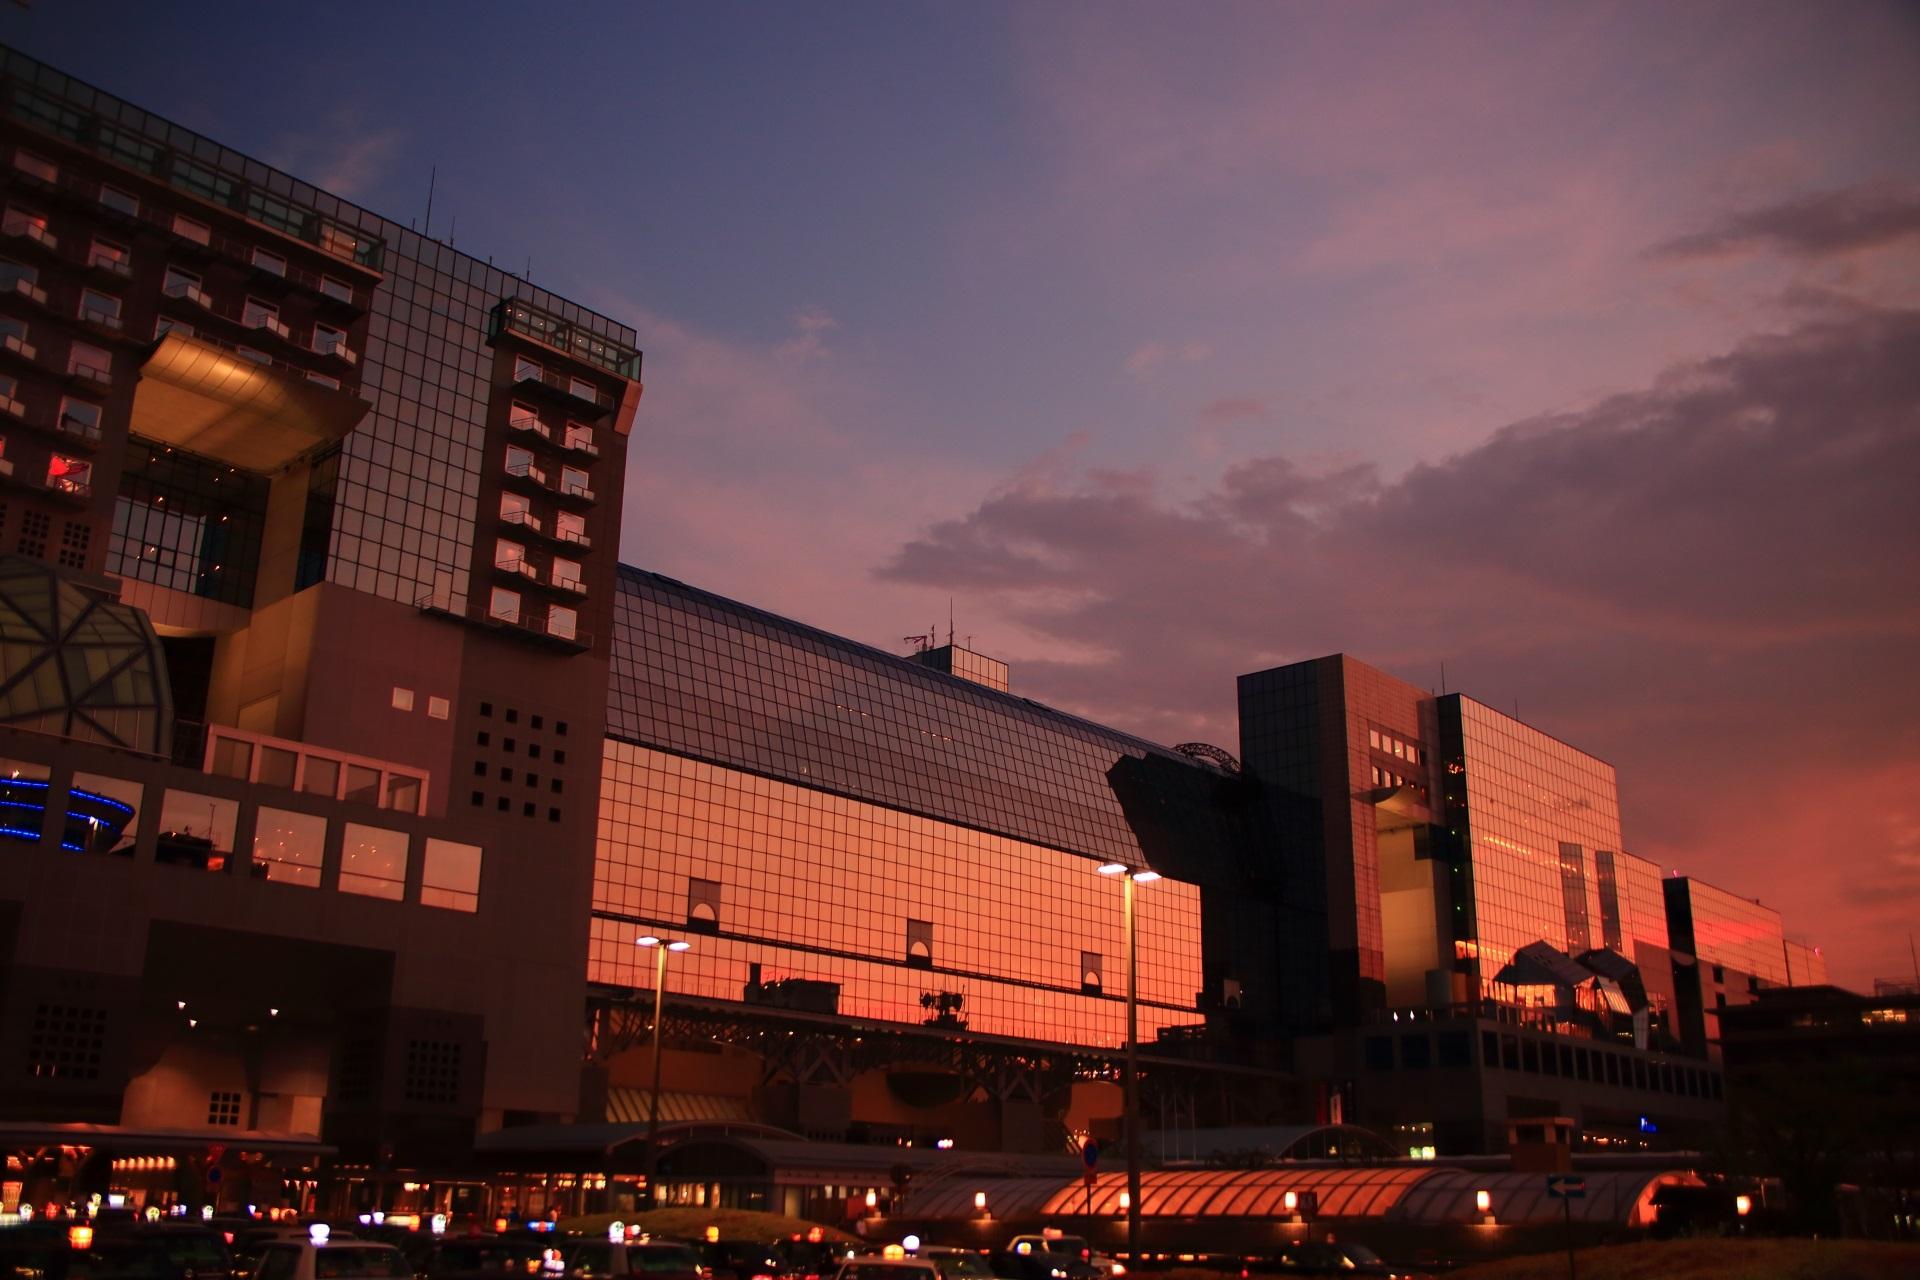 日が沈み空は紺色になるもまだまだ夕焼けを映す京都駅ビル